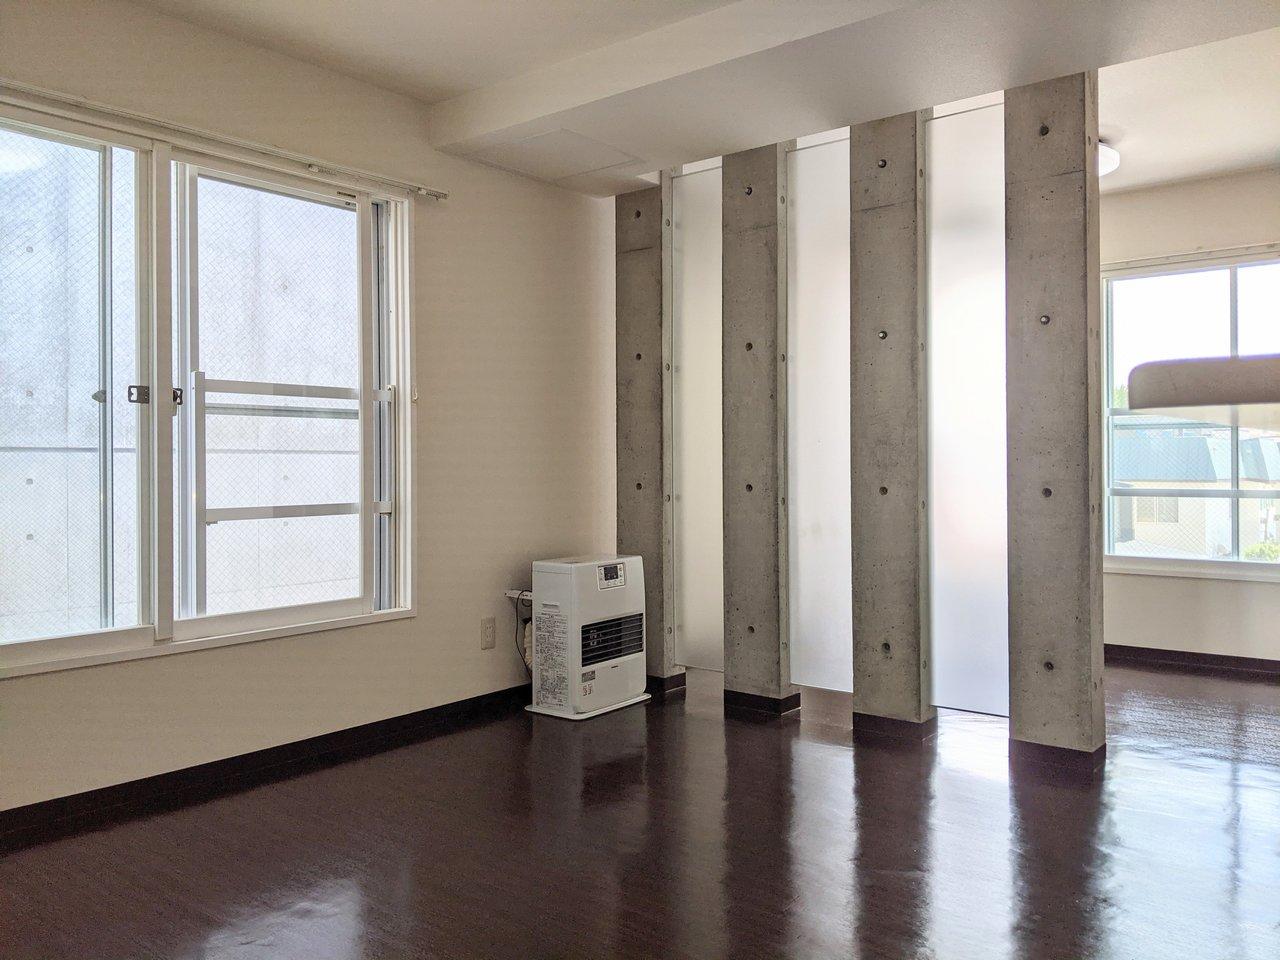 最後のお部屋も、お部屋の仕切りにコンクリートが使われています。透明なシートと交互になっているので、圧迫感を感じないのがいいですね。